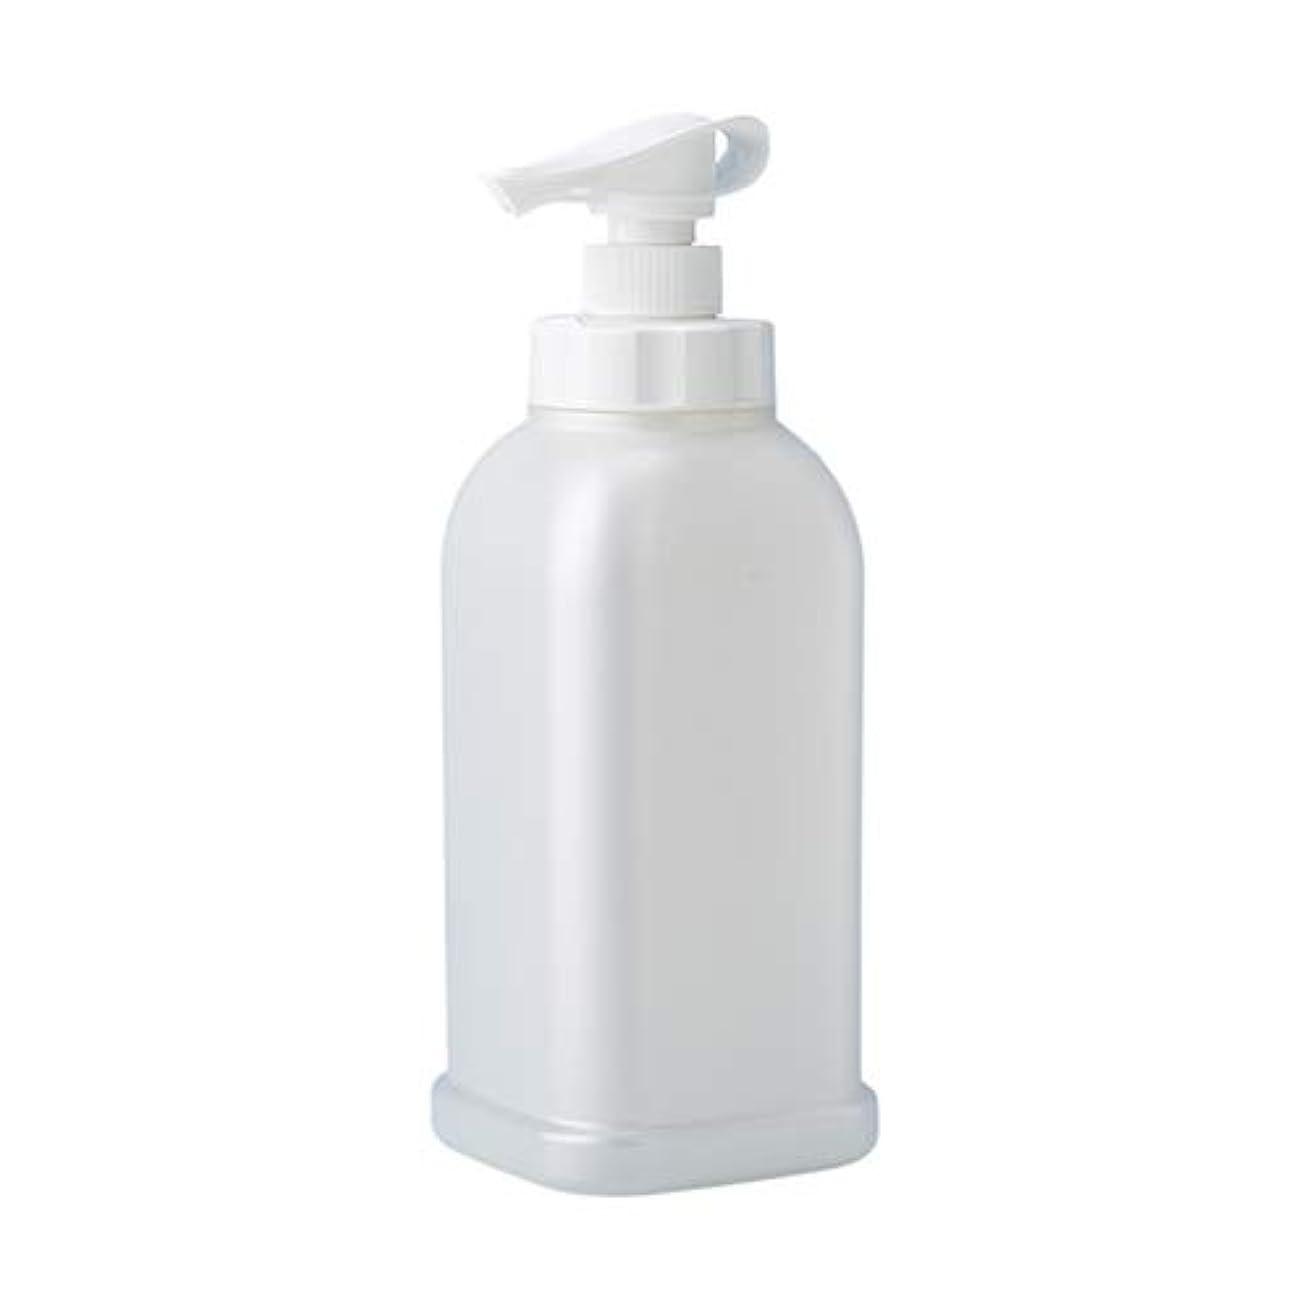 眠る別々に出席安定感のある ポンプボトル シャンプー コンディショナー リンス ボディソープ ハンドソープ 1.2L詰め替え容器 パールホワイト